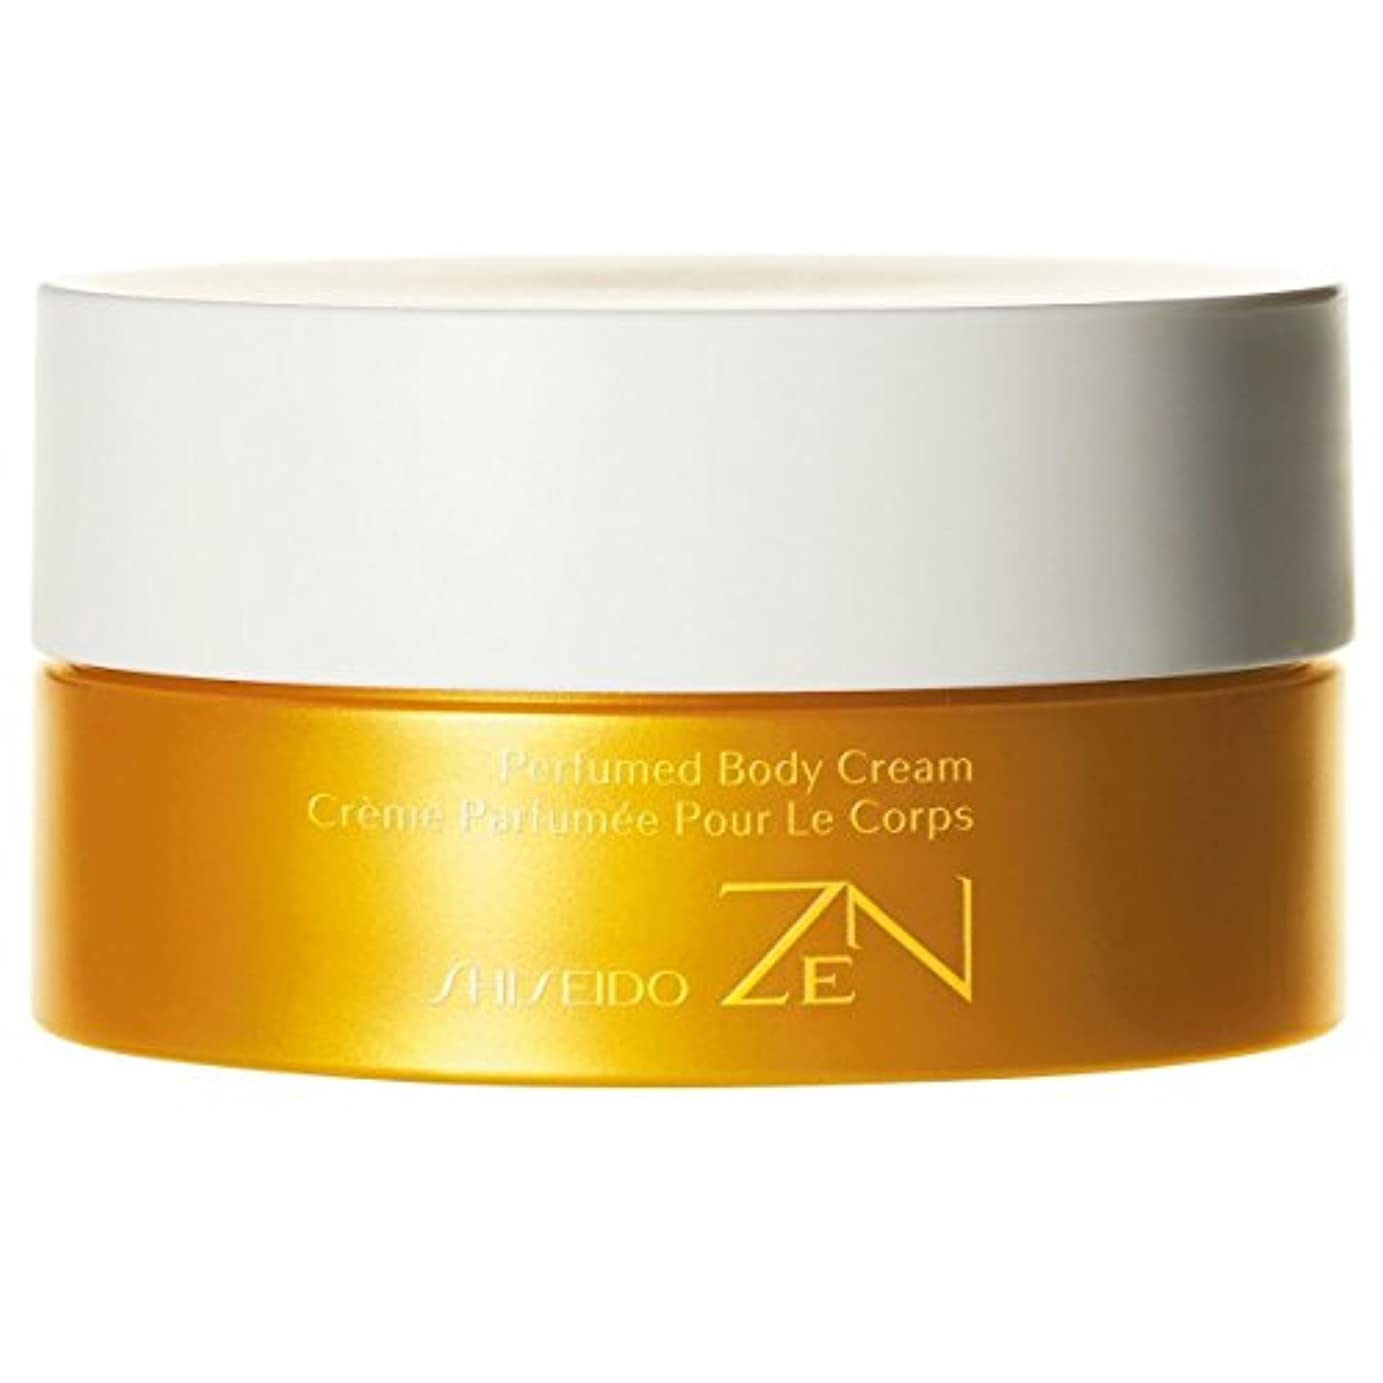 ビリー階段コンテンツ[Shiseido ] 資生堂禅香りのボディクリーム200ミリリットル - Shiseido Zen Perfumed Body Cream 200ml [並行輸入品]